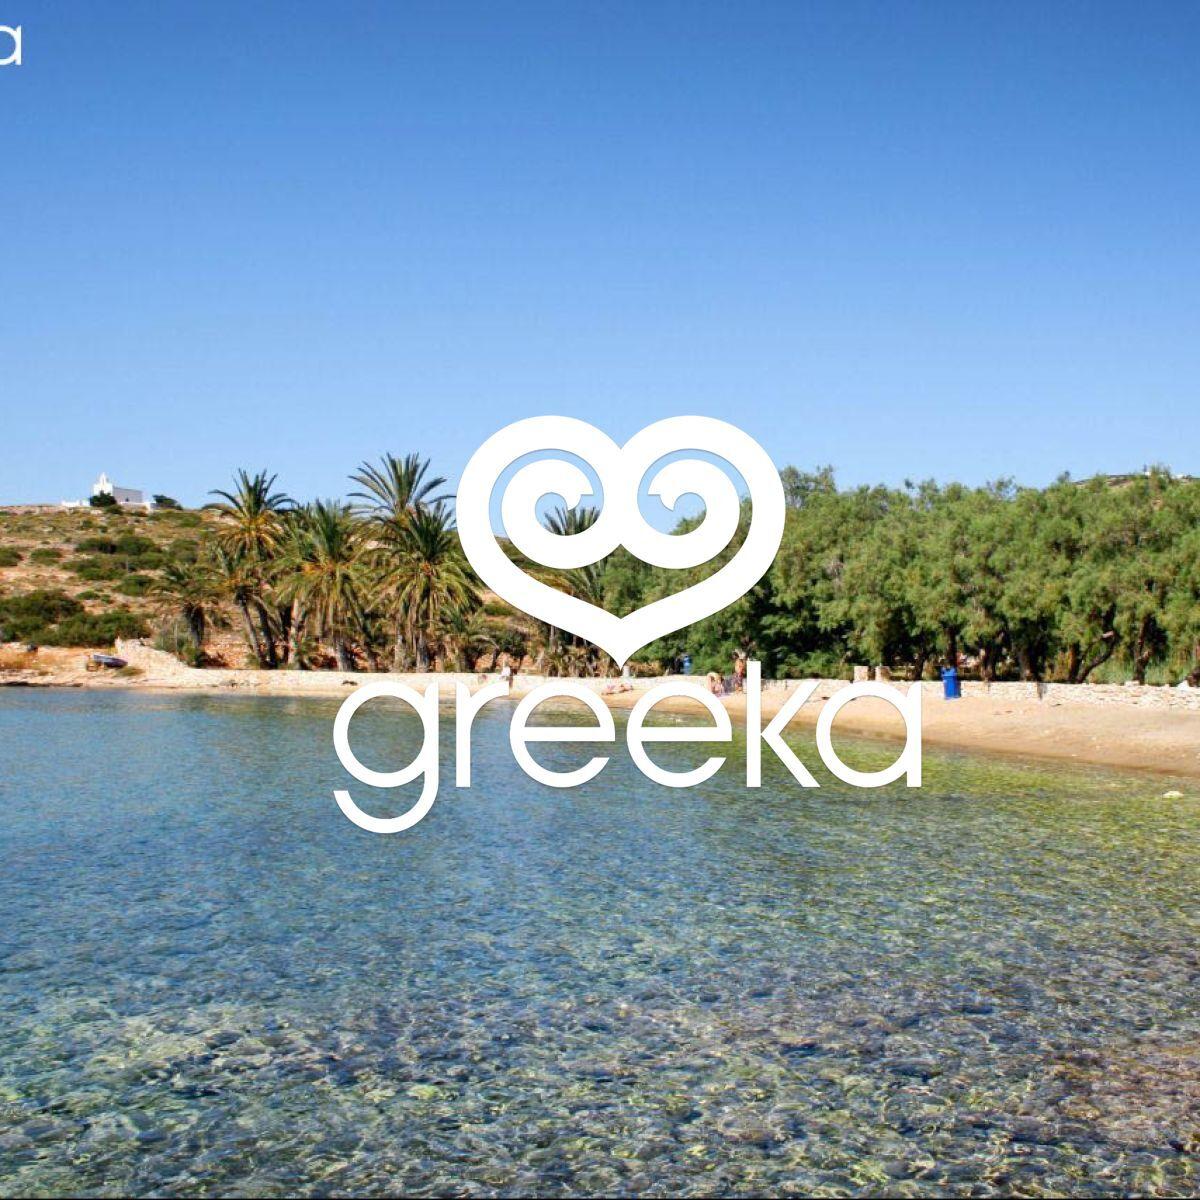 Paros Beaches: Paros Agia Irini Beach - Paros Beaches